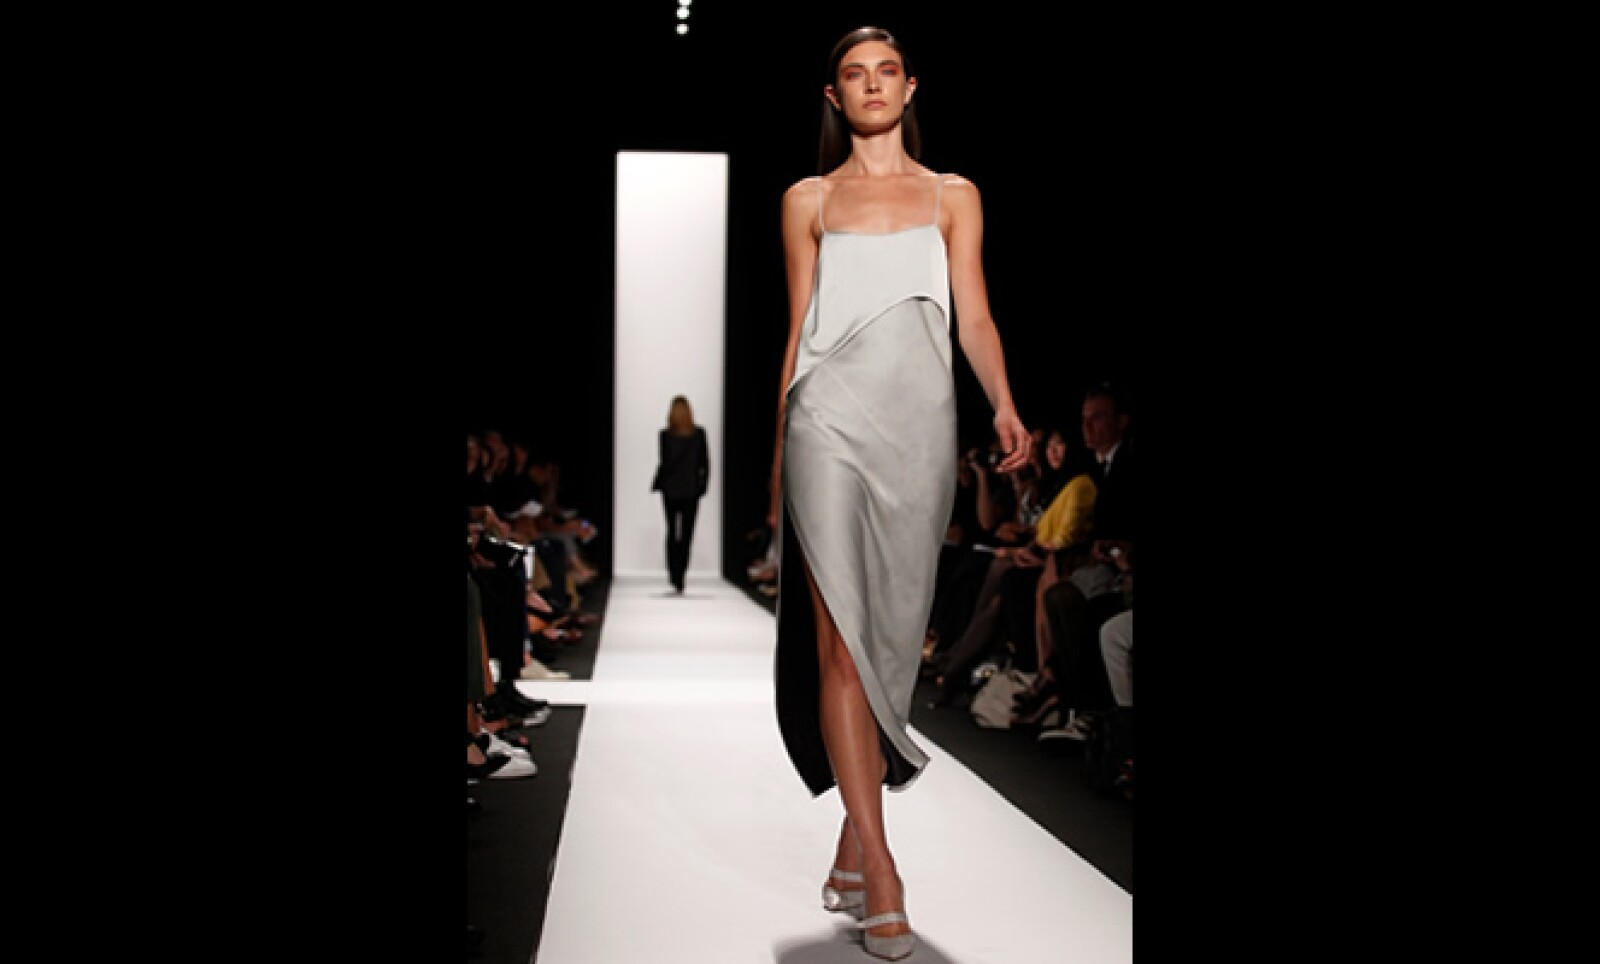 El diseñador de origen cubano usó además telas color champaña, siguiendo la tendencia de los tonos claros.